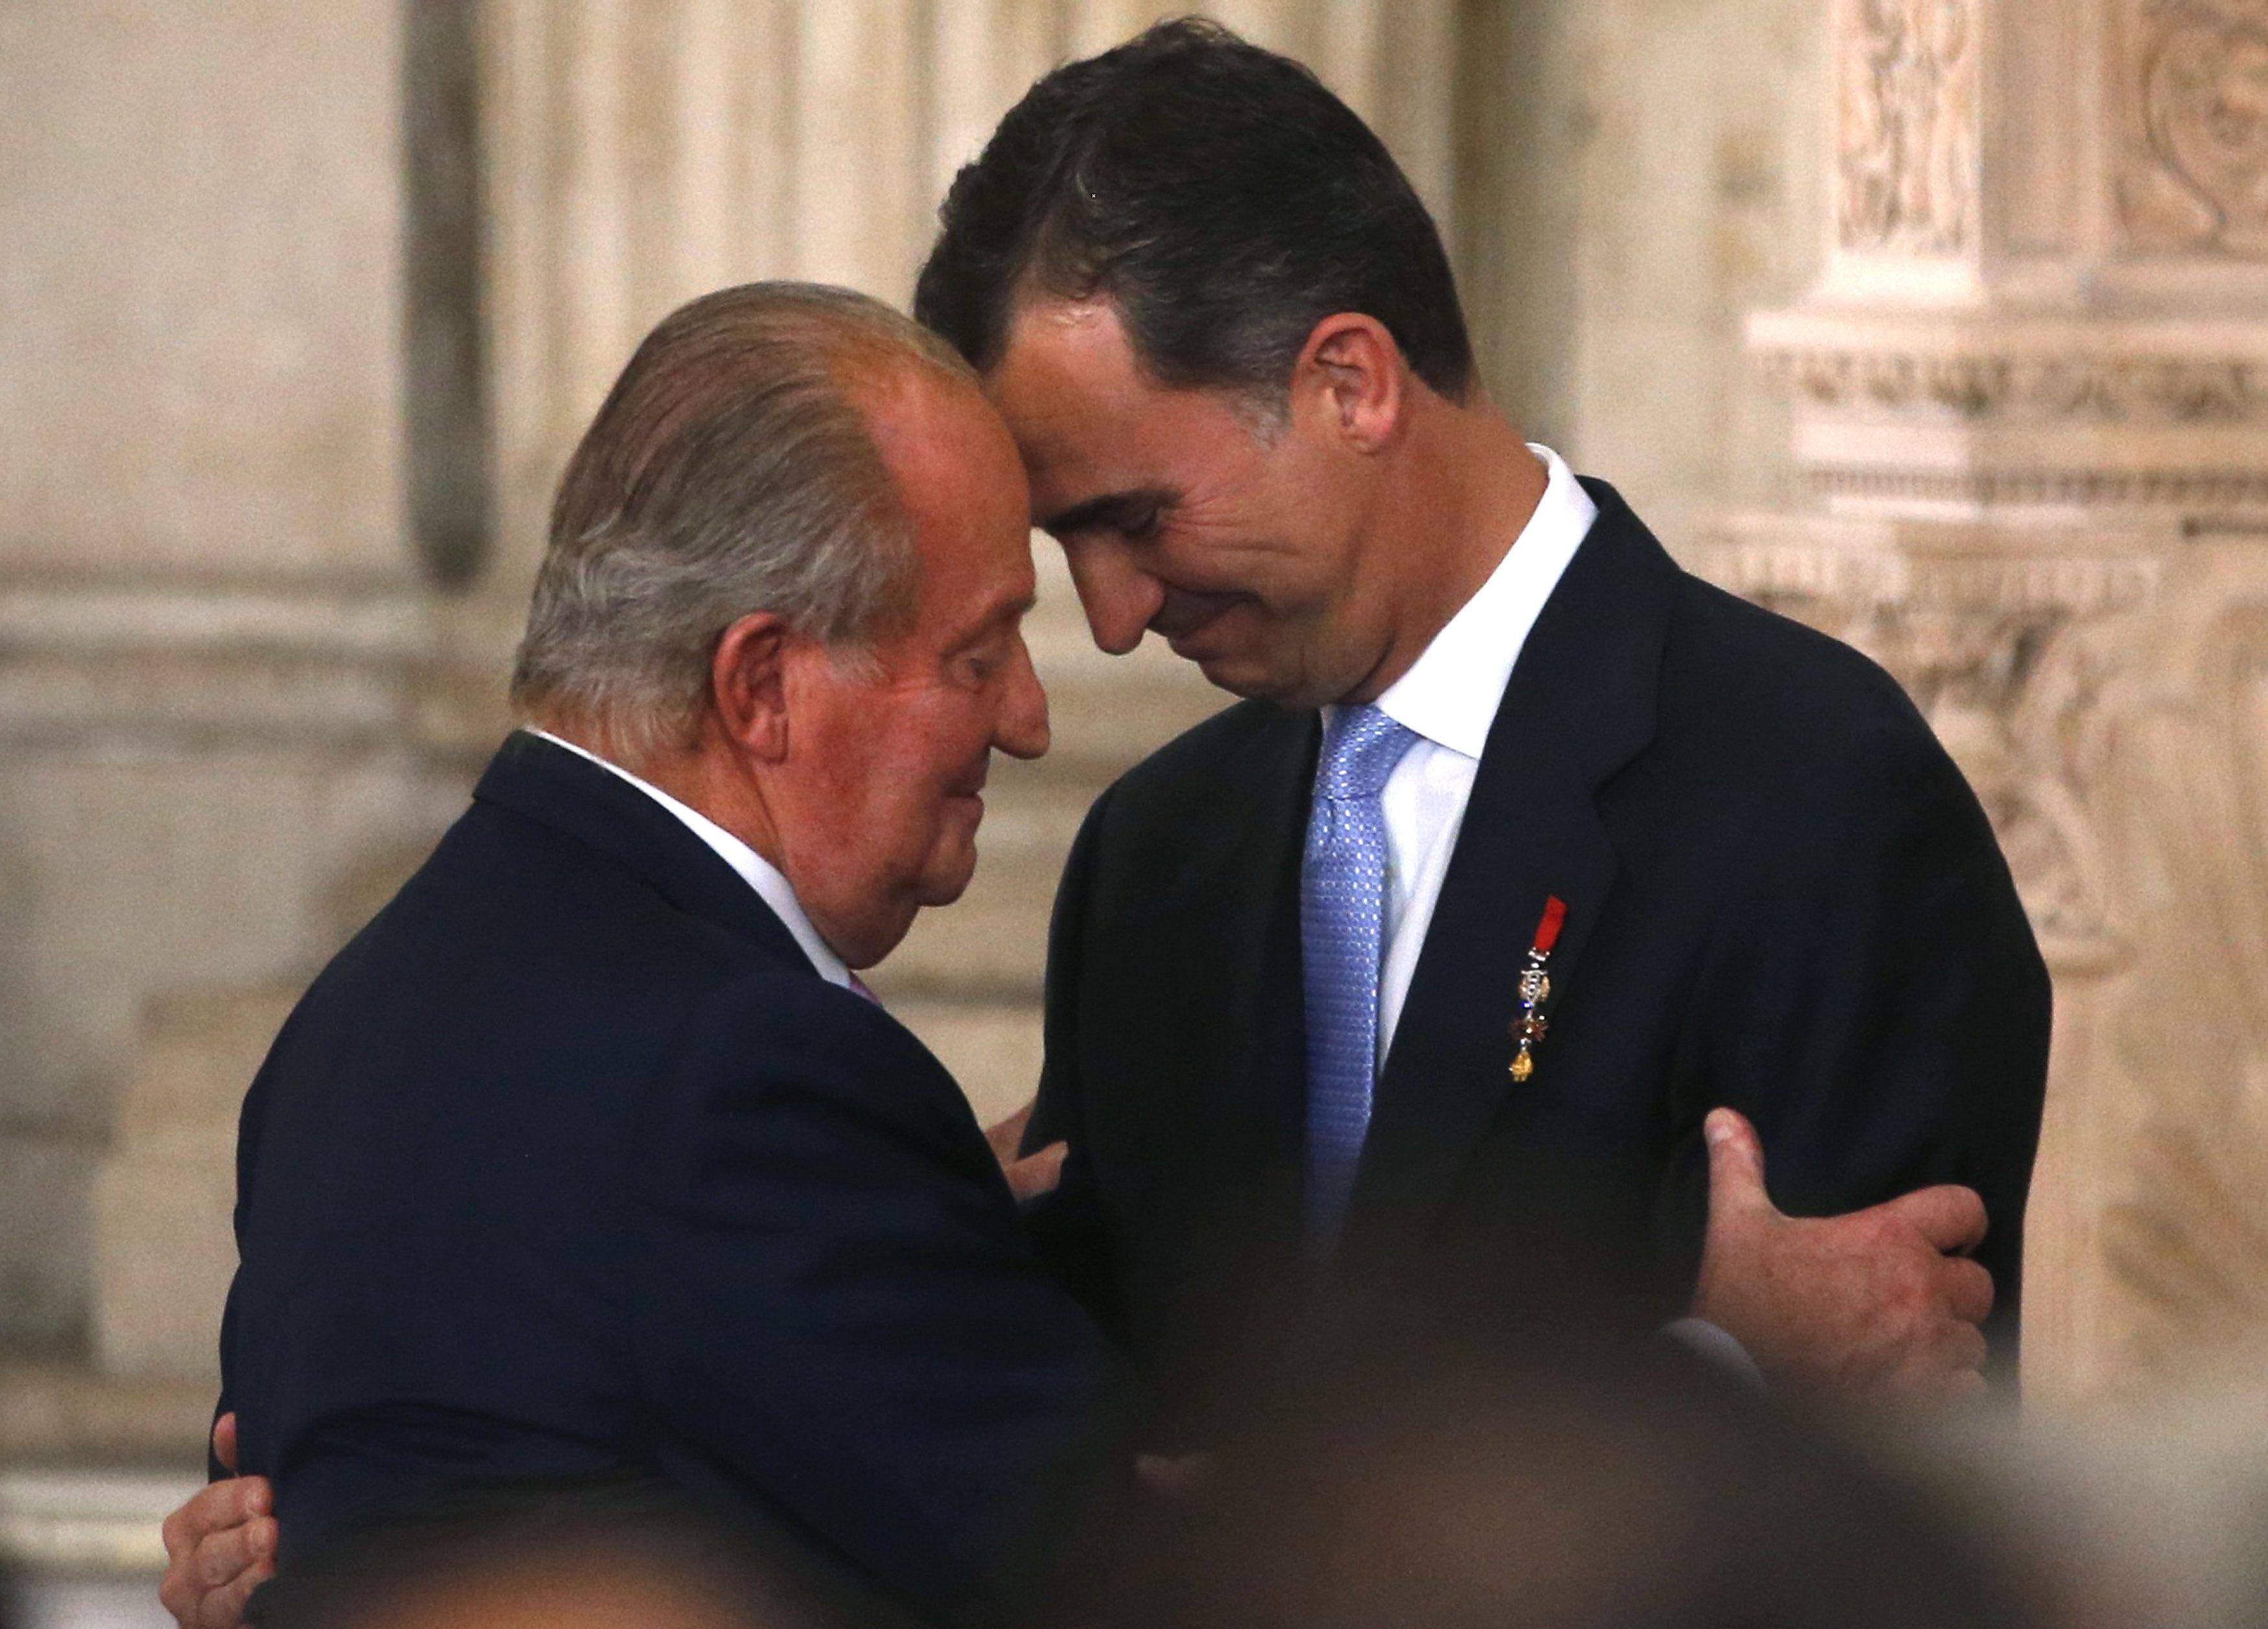 El rey Juan Carlos saluda a su hijo Felipe en la ceremonia de abdicación. REUTERS